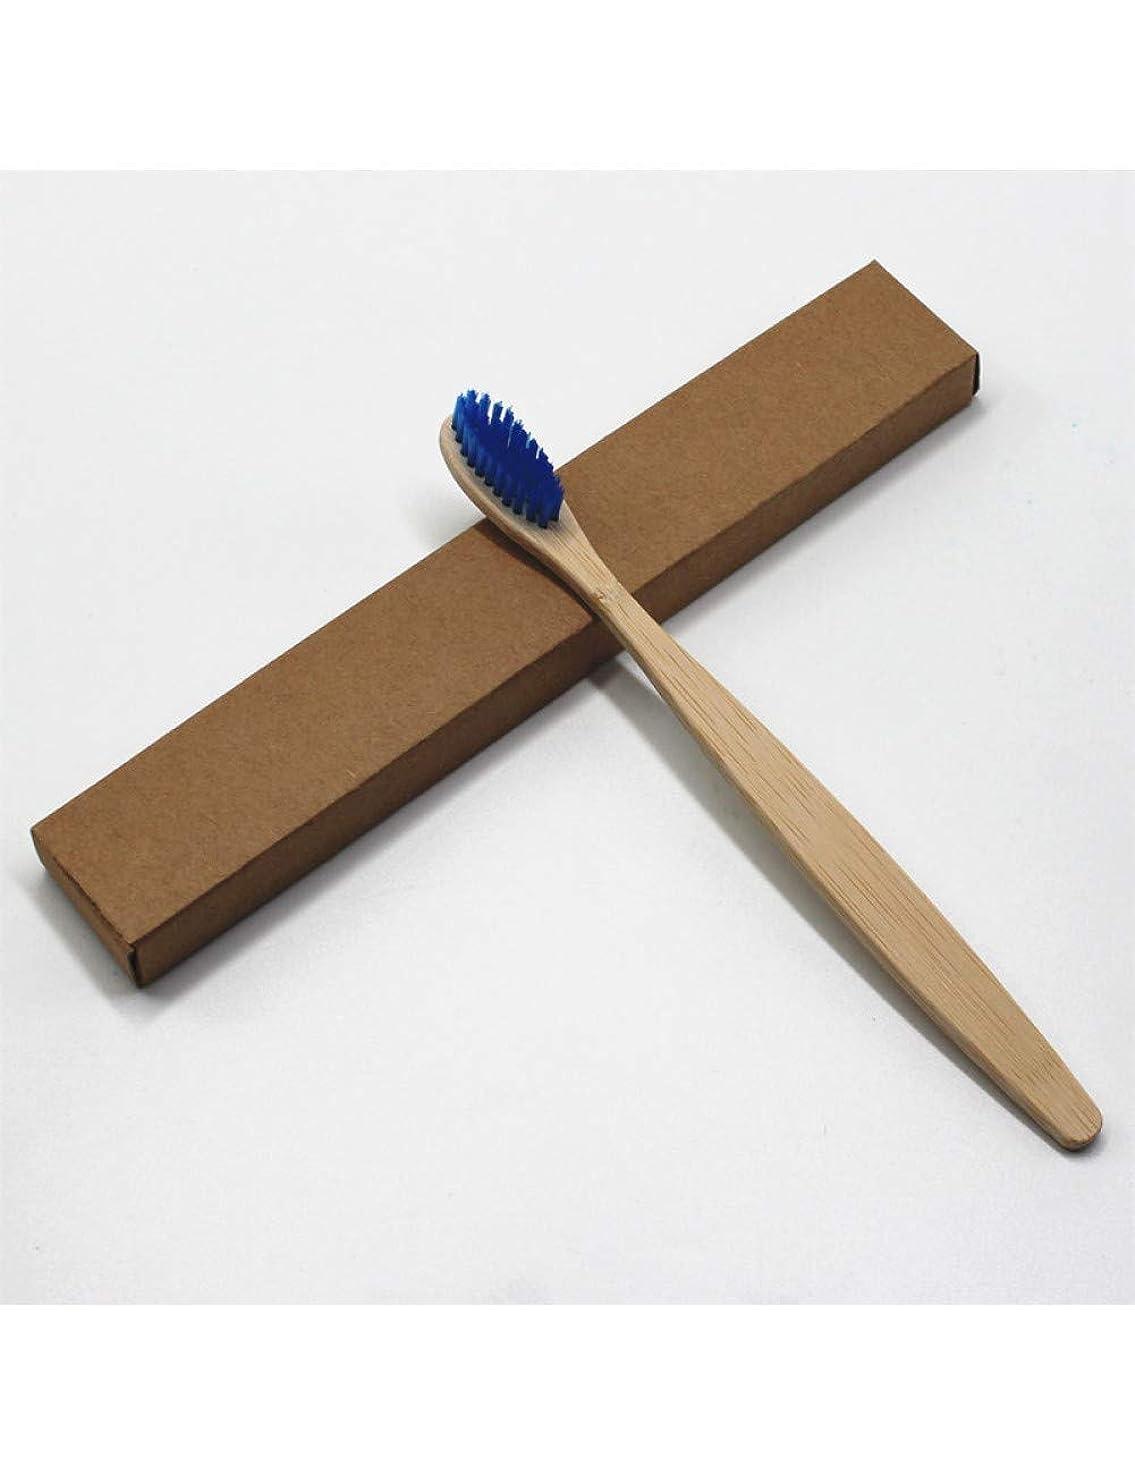 1ピースブルーヘッド竹歯ブラシ環境木製ブルーオーラルケア柔らかい毛、